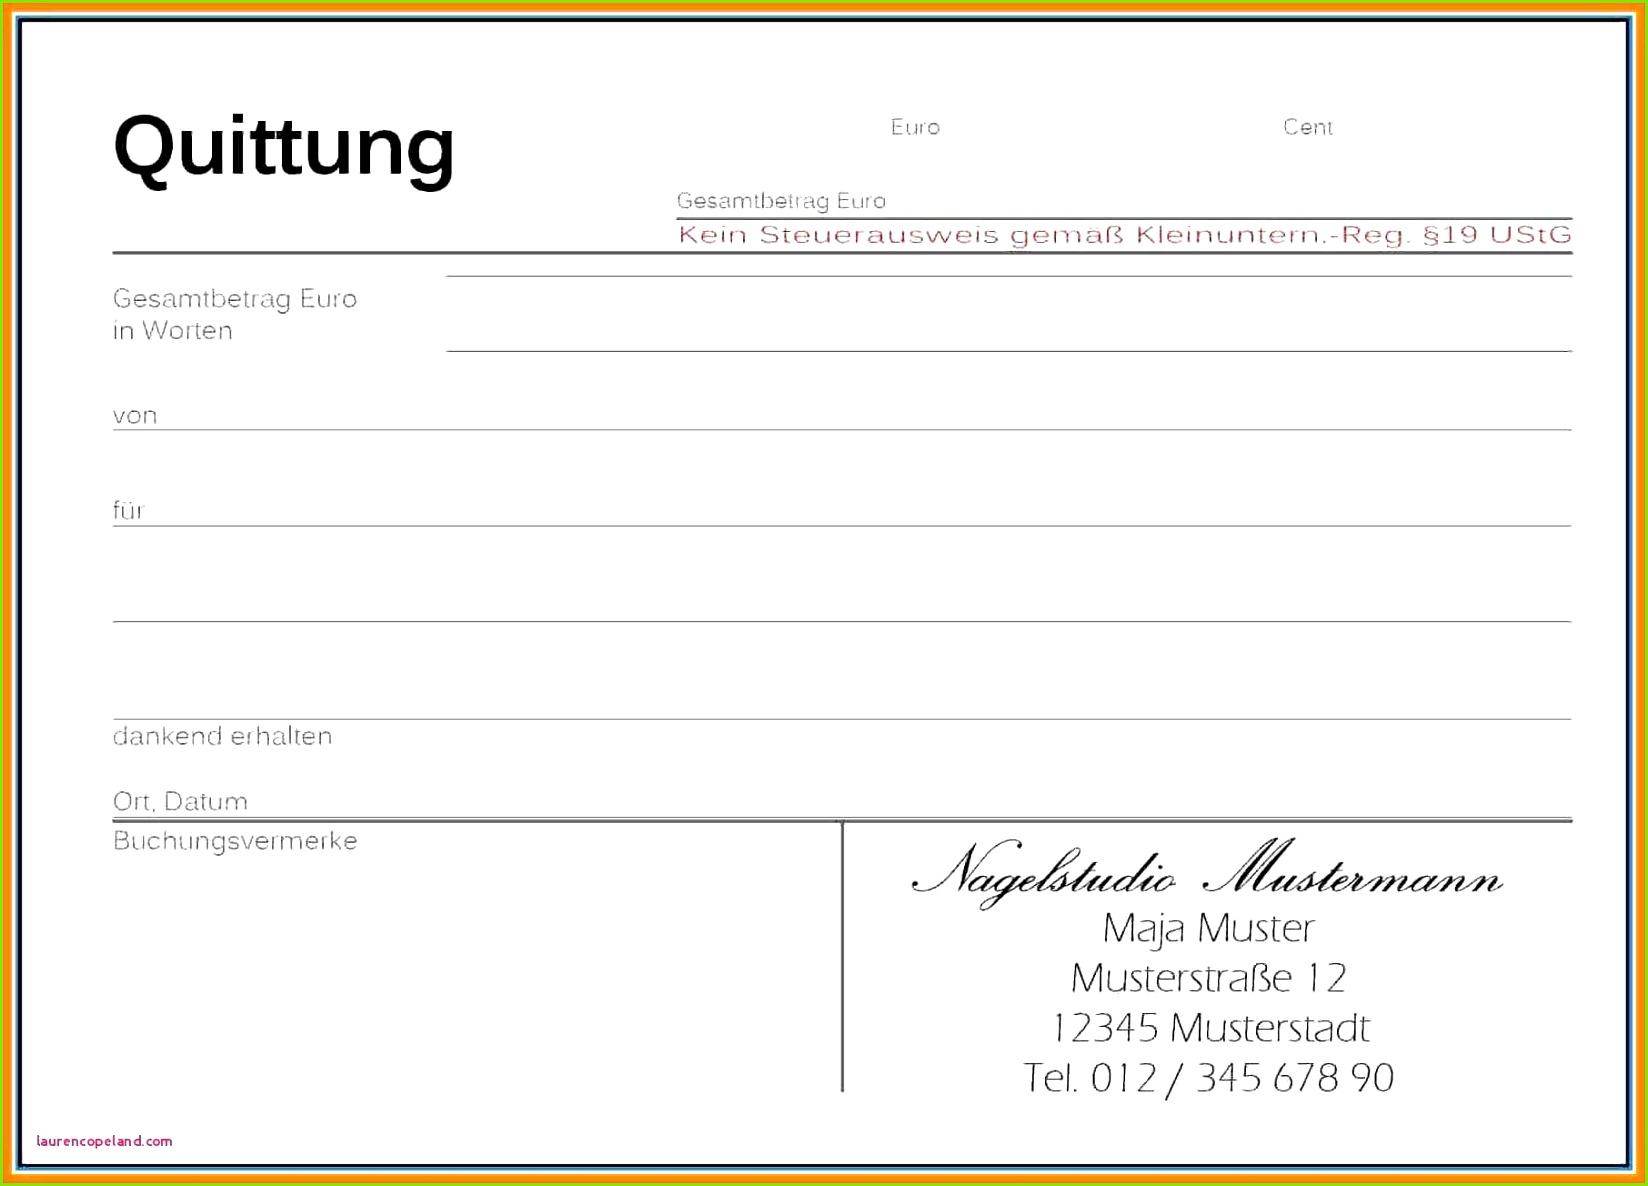 Kaufvertrag Fahrrad Vorlage Word Quittung Miete Vorlage 2018 08 20t01 20